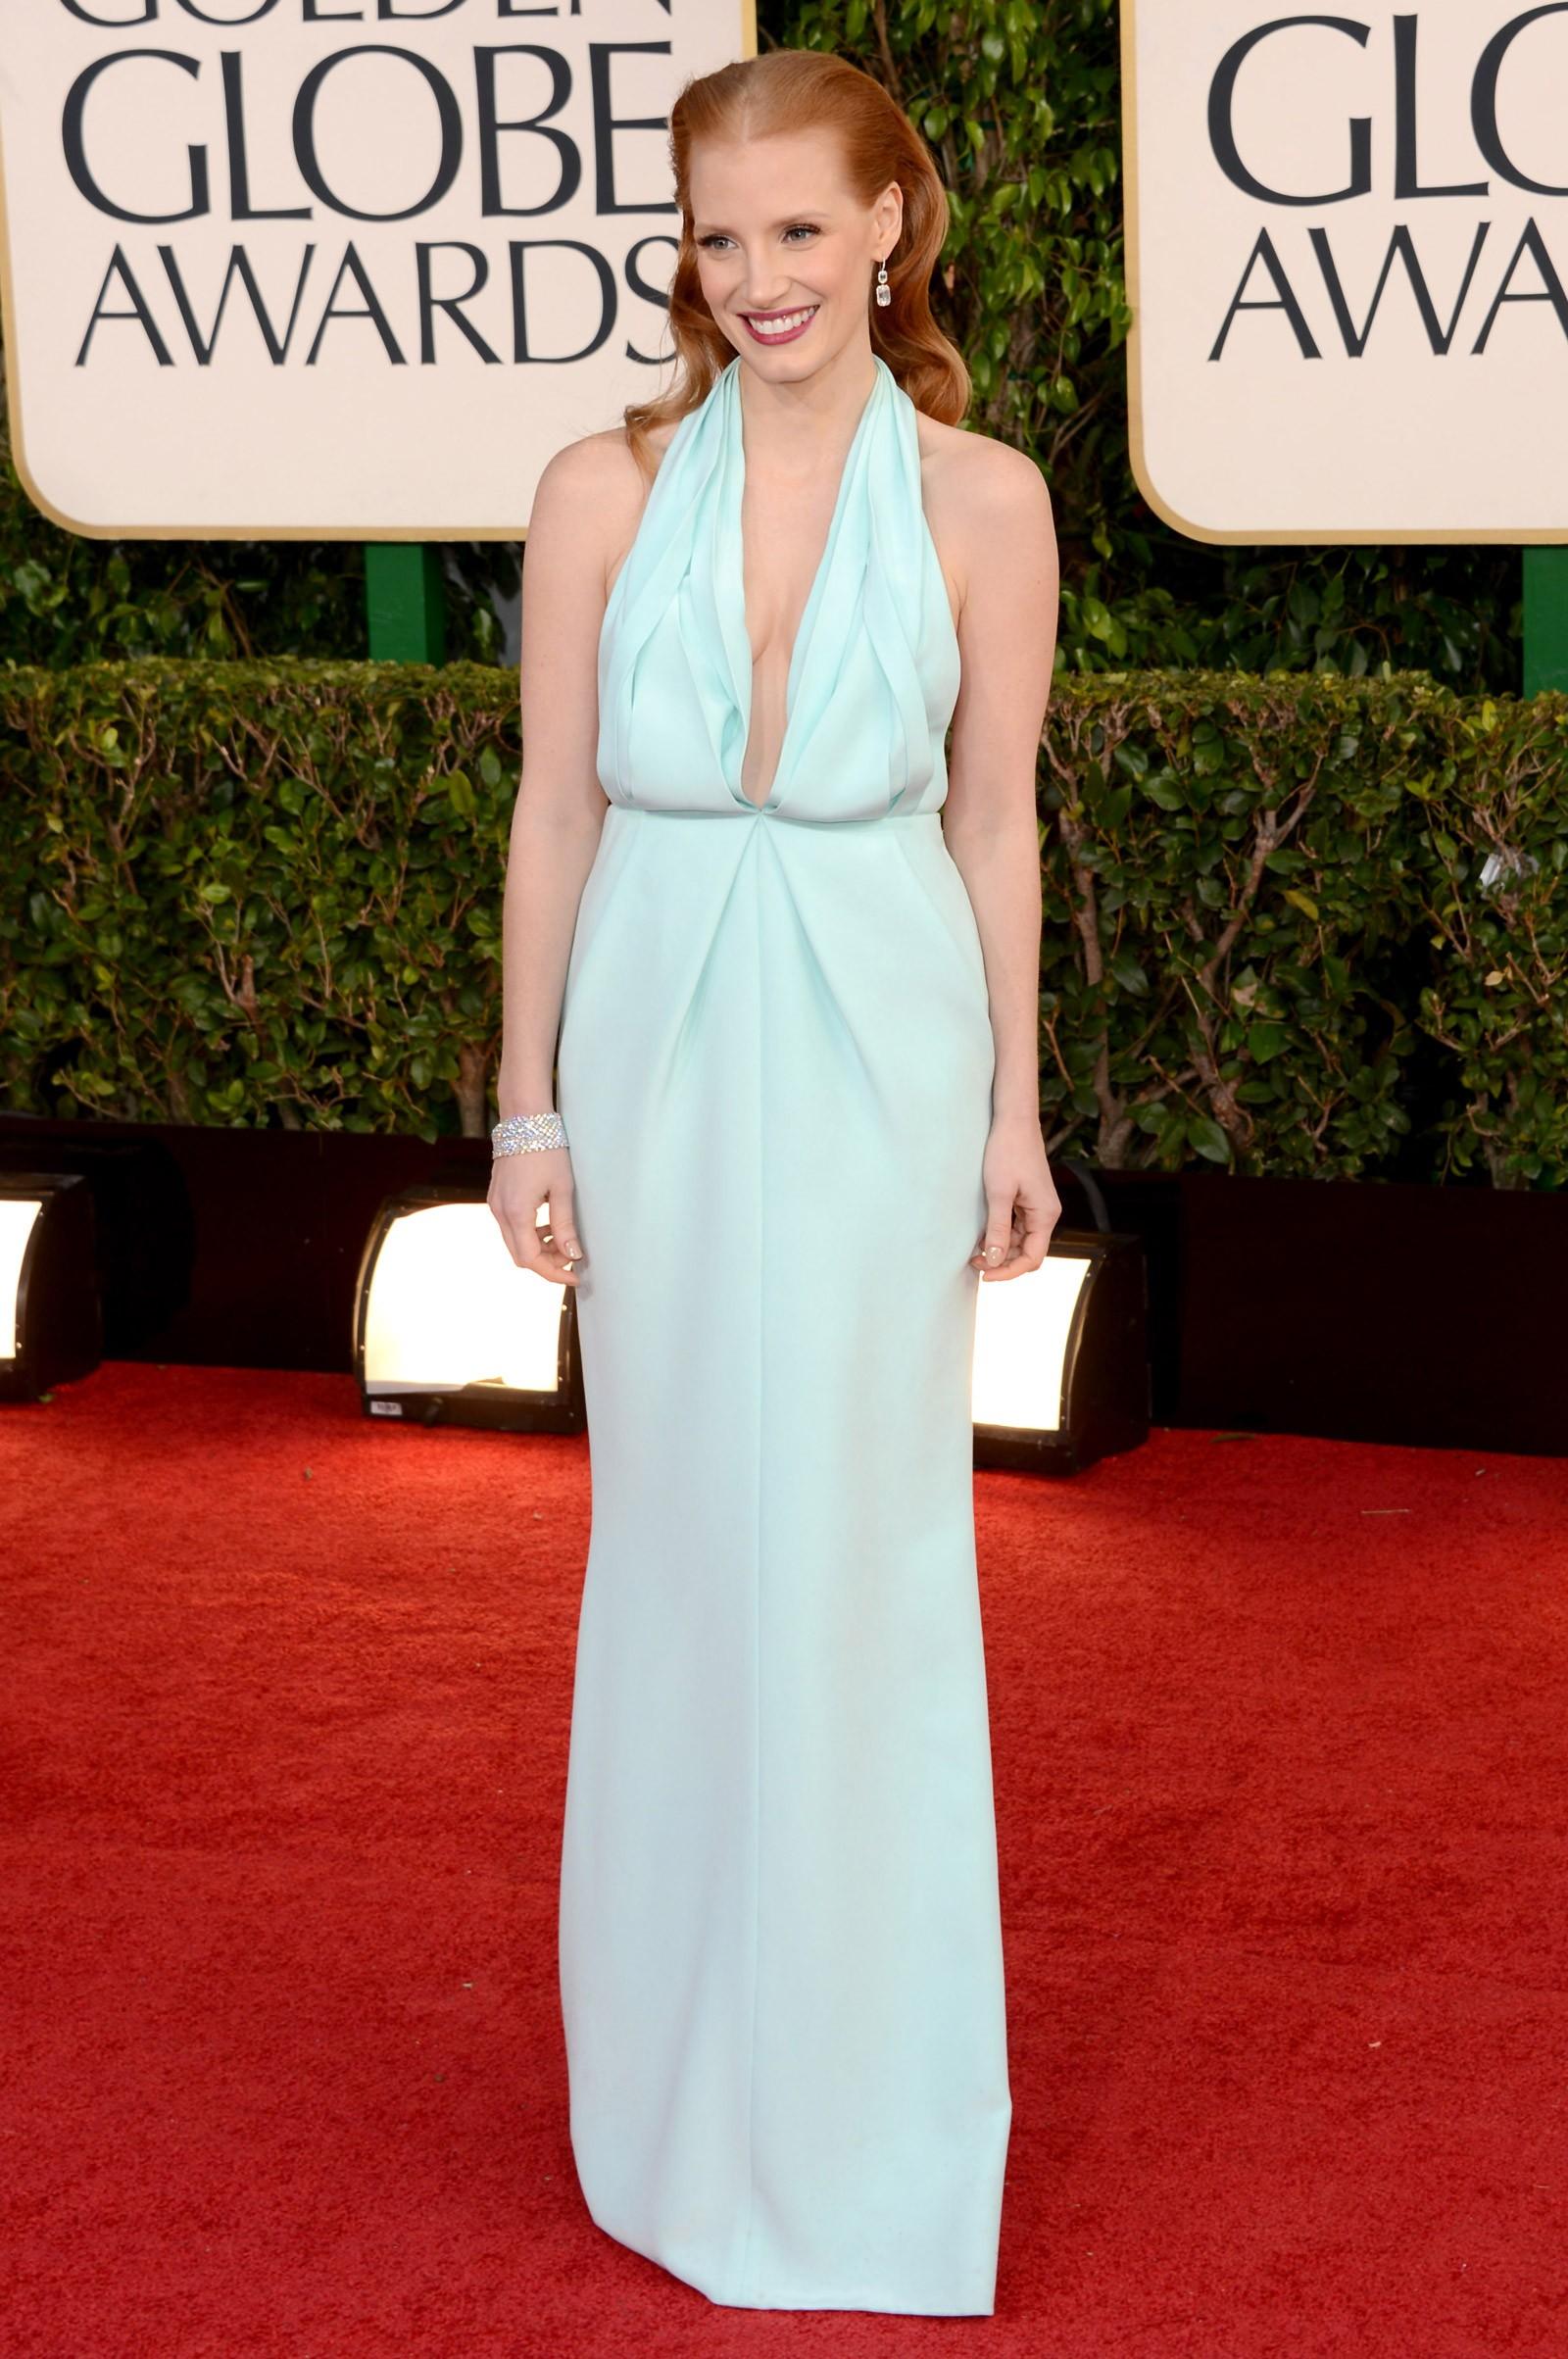 2012 - melhor atriz de drama para Jessica Chastain, que vestiu Calvin Klein (Foto: Getty Images)